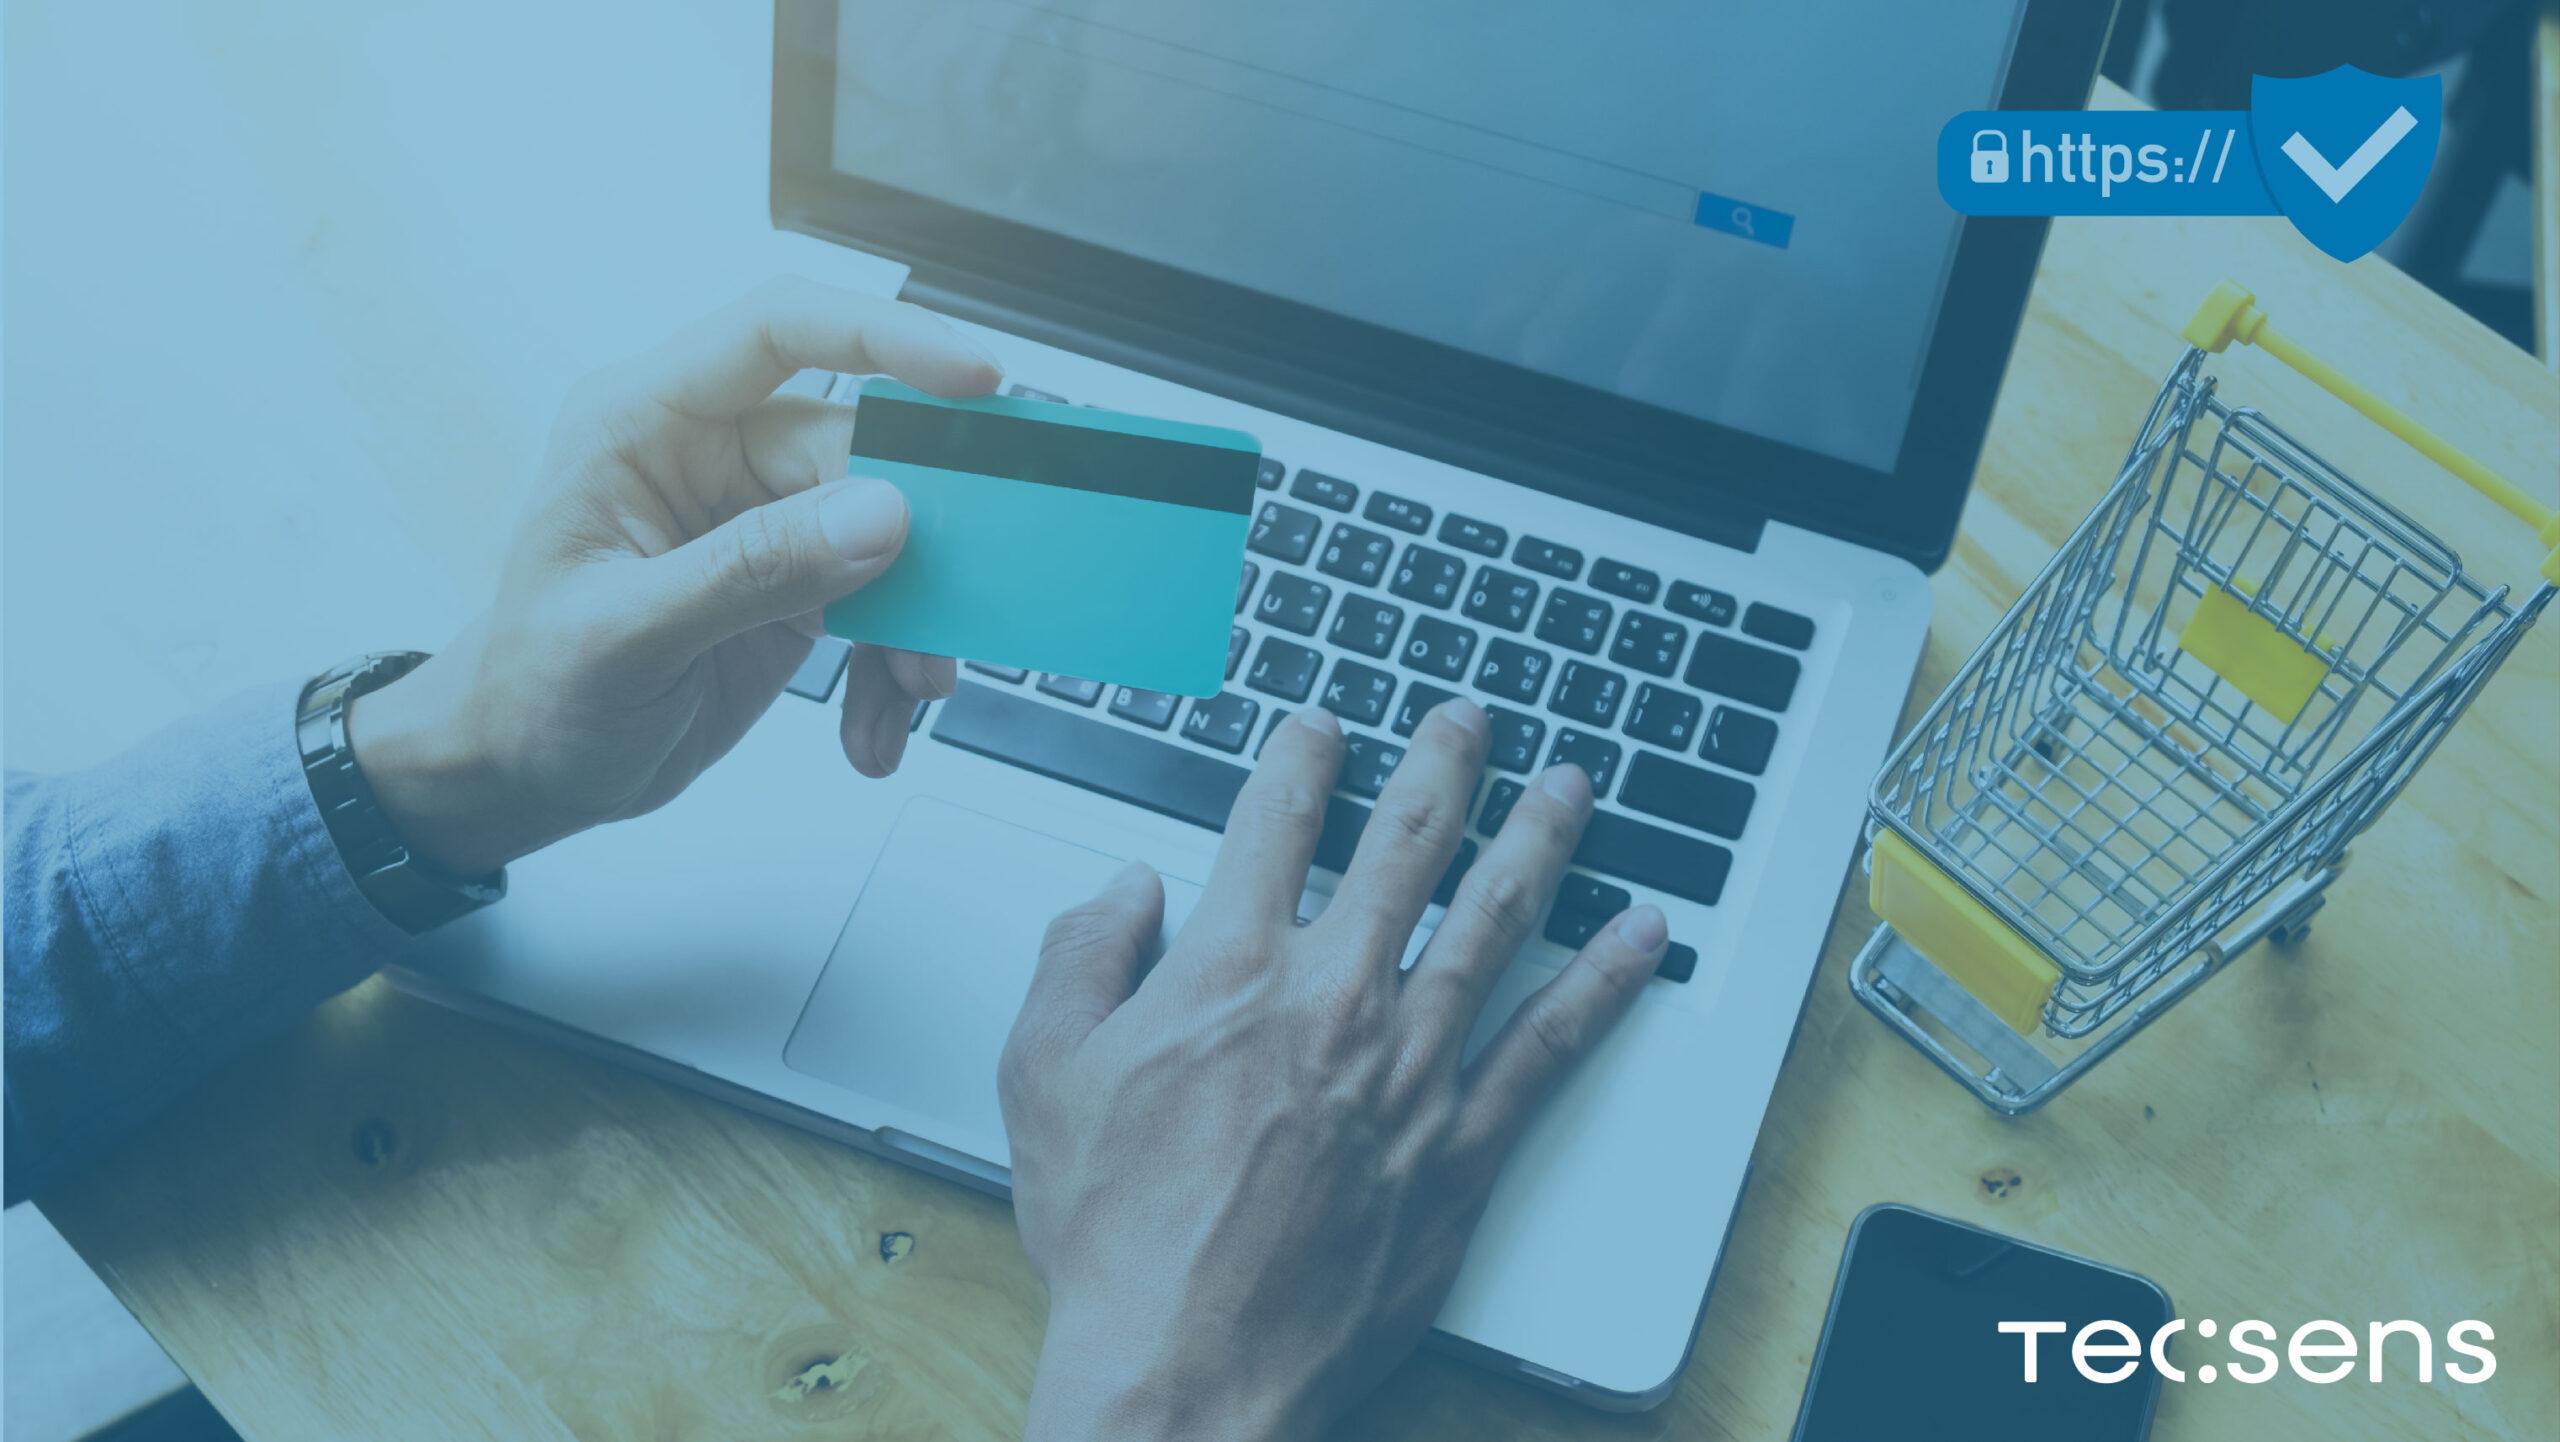 Per què és necessari el protocol HTTPS?